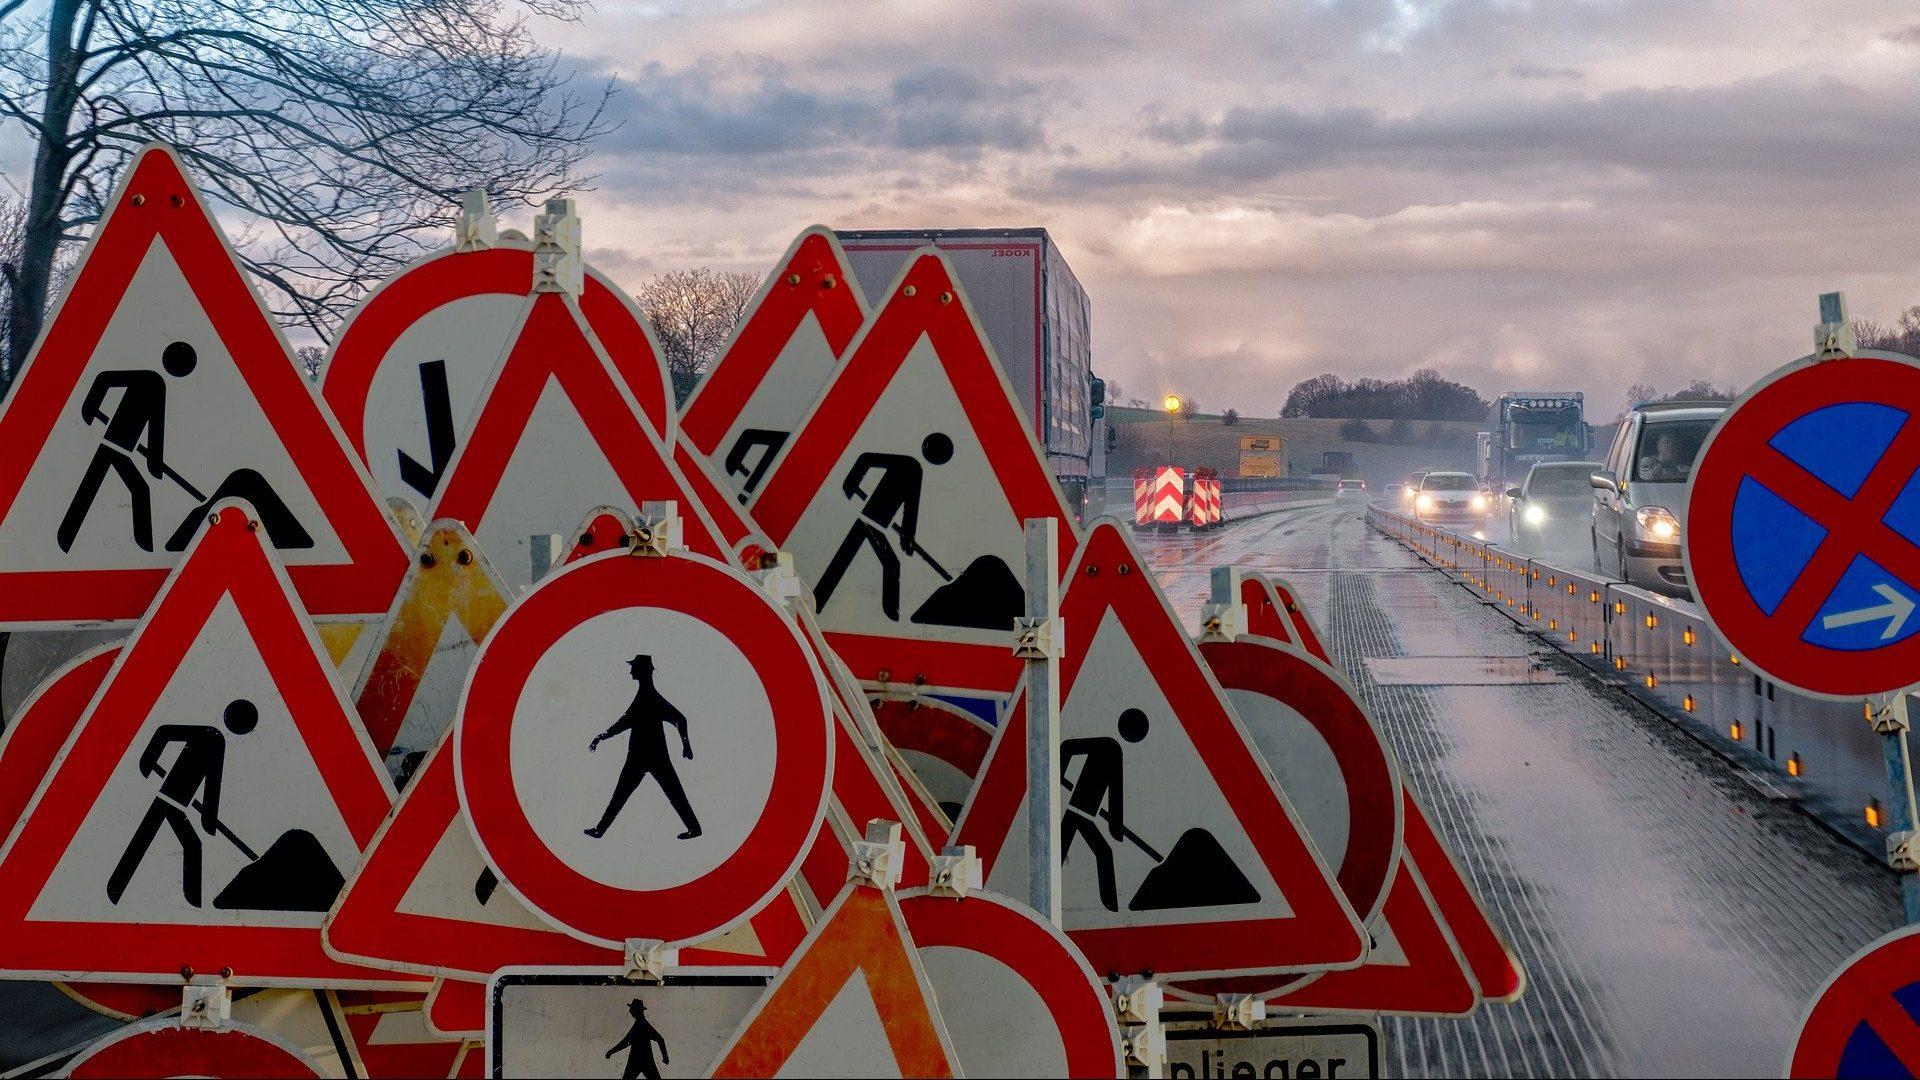 Straße mit vielen Verkehrszeichen